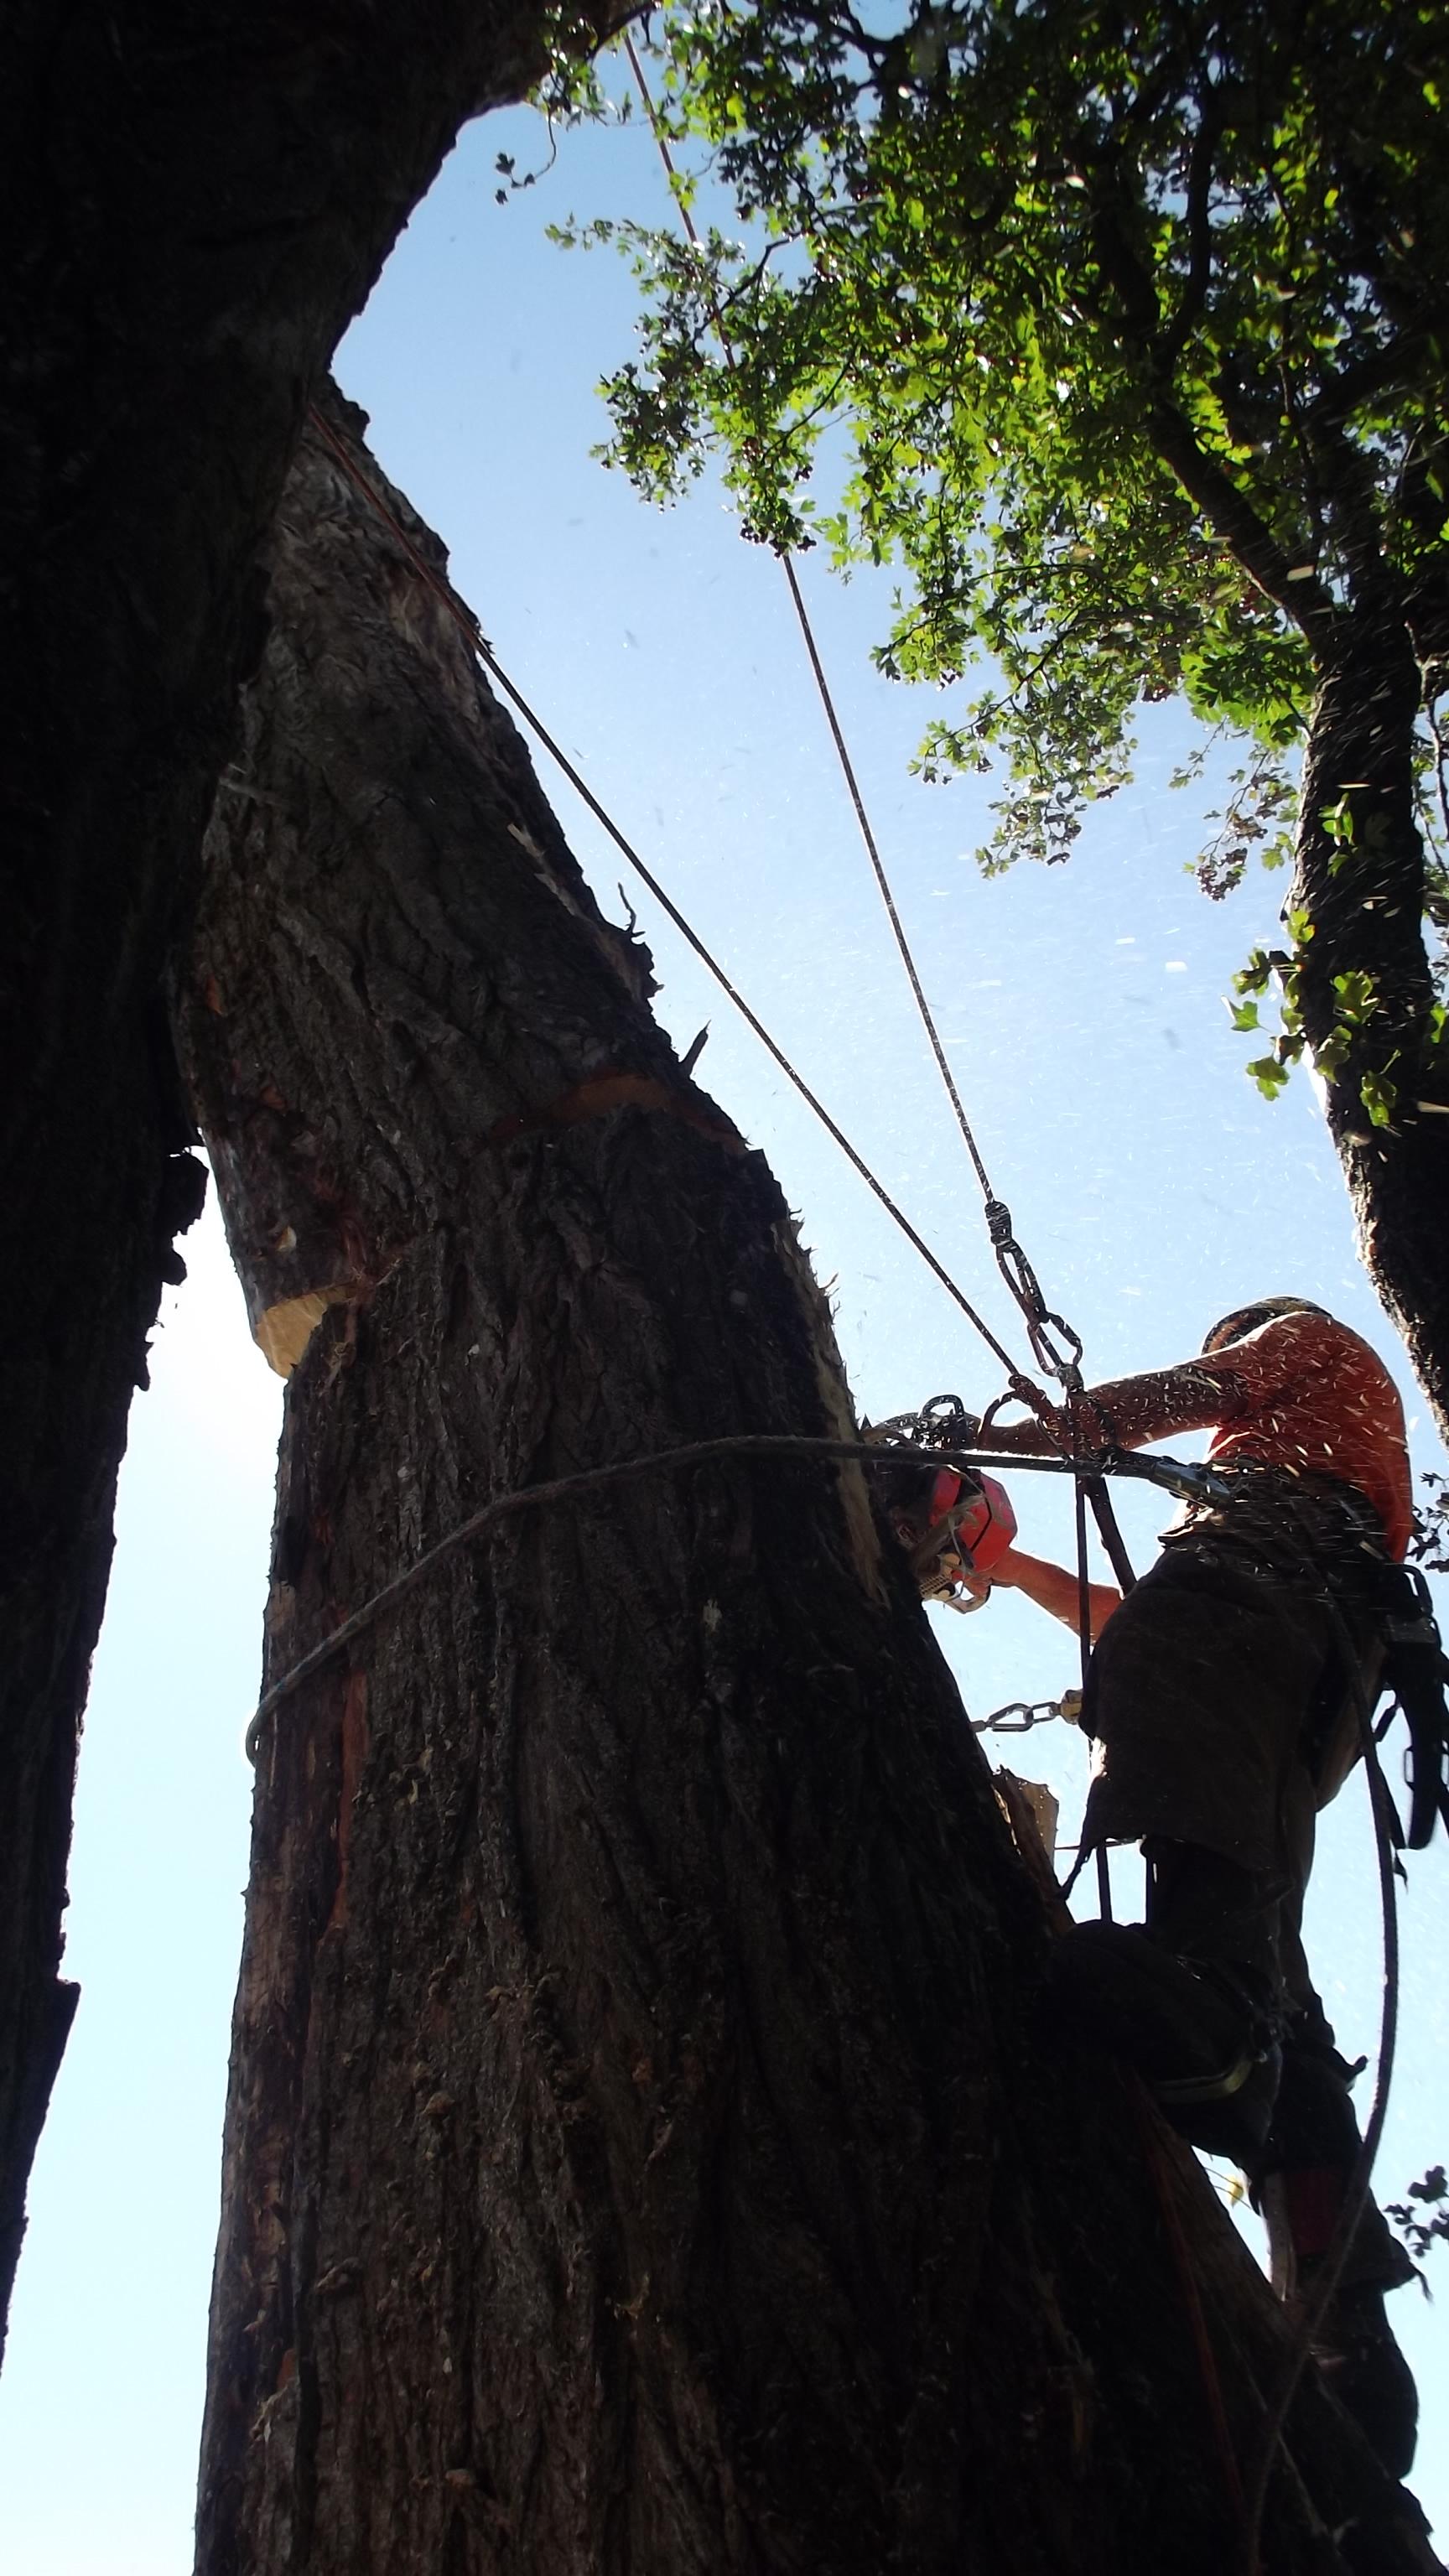 Felling Large Dead Poplar